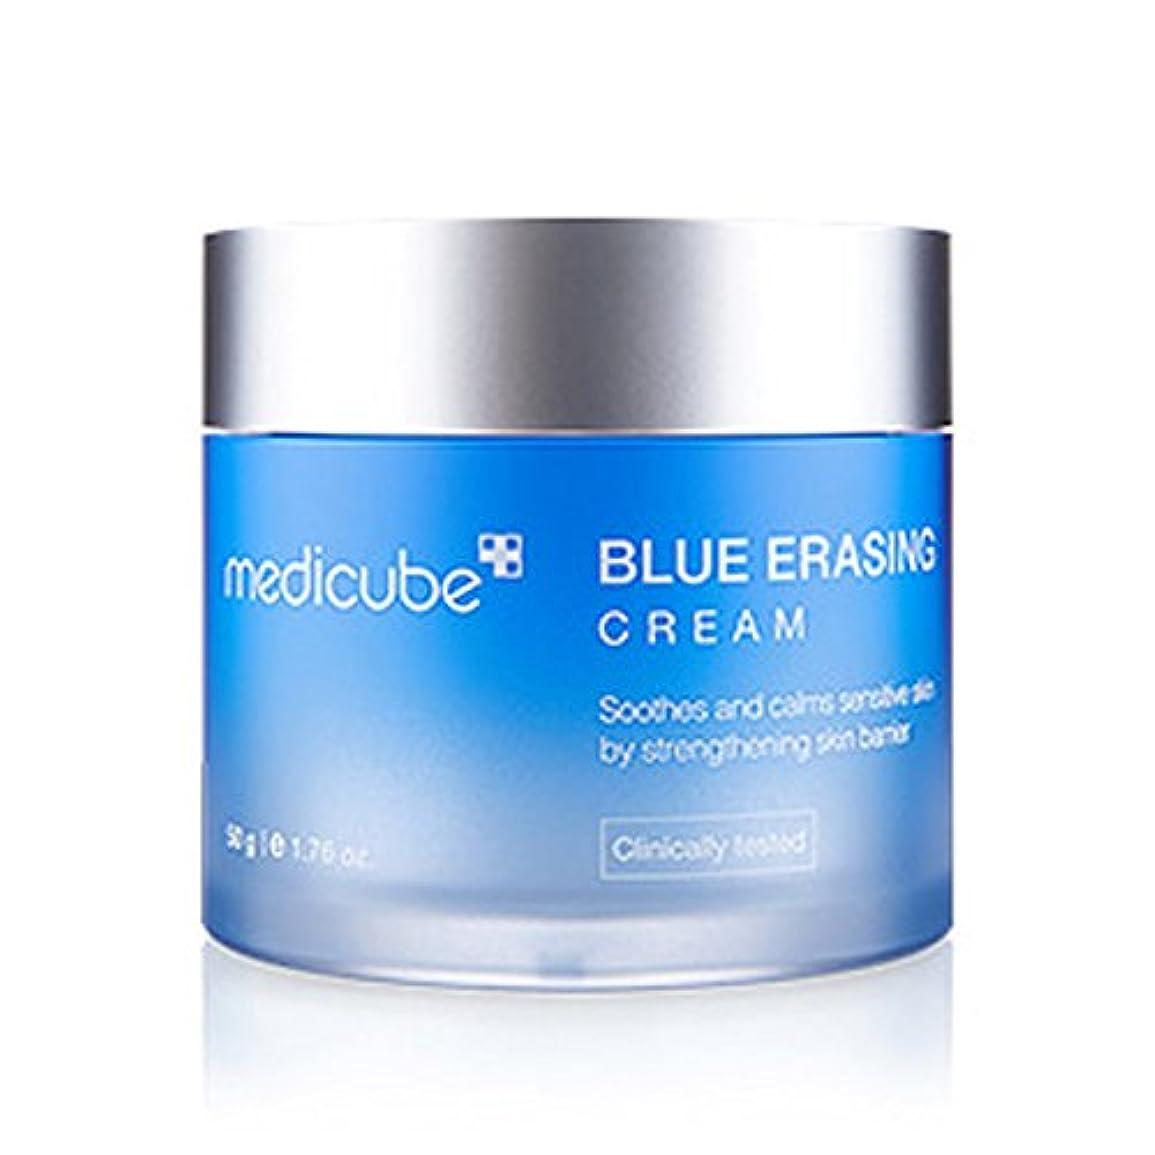 リビジョン障害エッセンス[MEDICUBE] Blue Erasing Cream/ブルーイレイジングクリーム [並行輸入品]